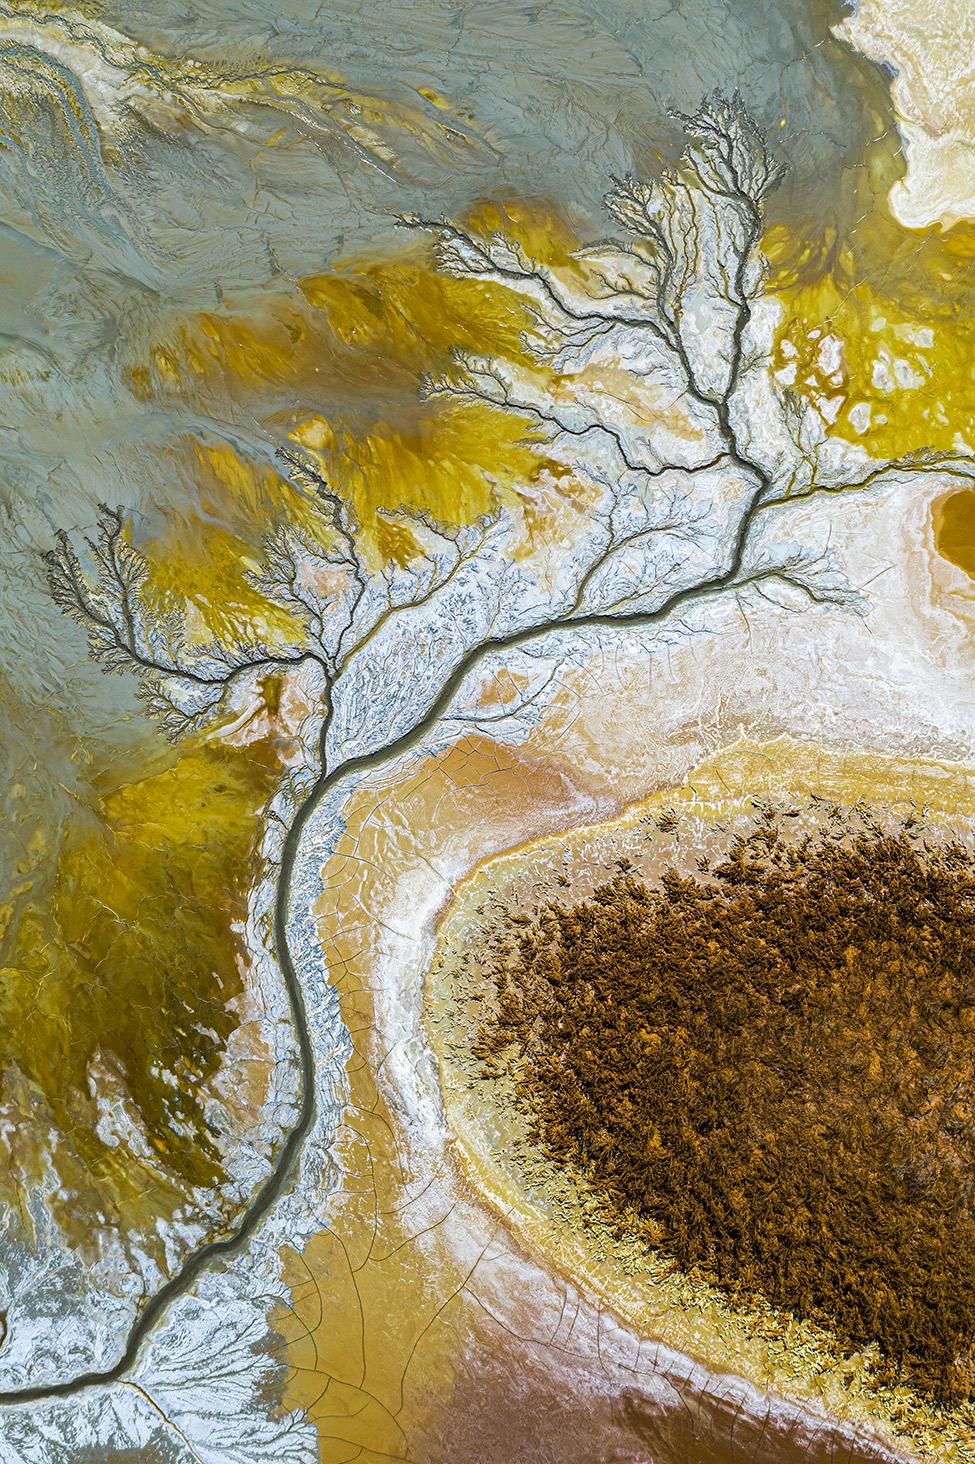 Artistic Water Erosion - Ignacio Medem - Portfolio Natural, Fotografía de Naturaleza de Autor